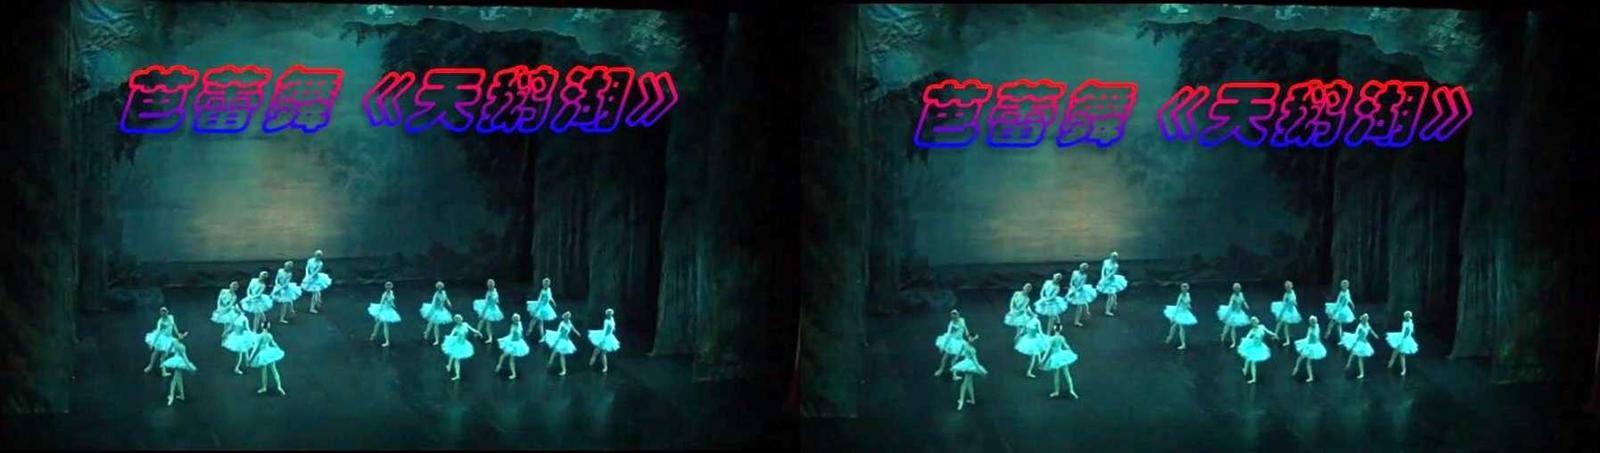 【原创】芭蕾舞剧《天鹅湖湖》截屏1